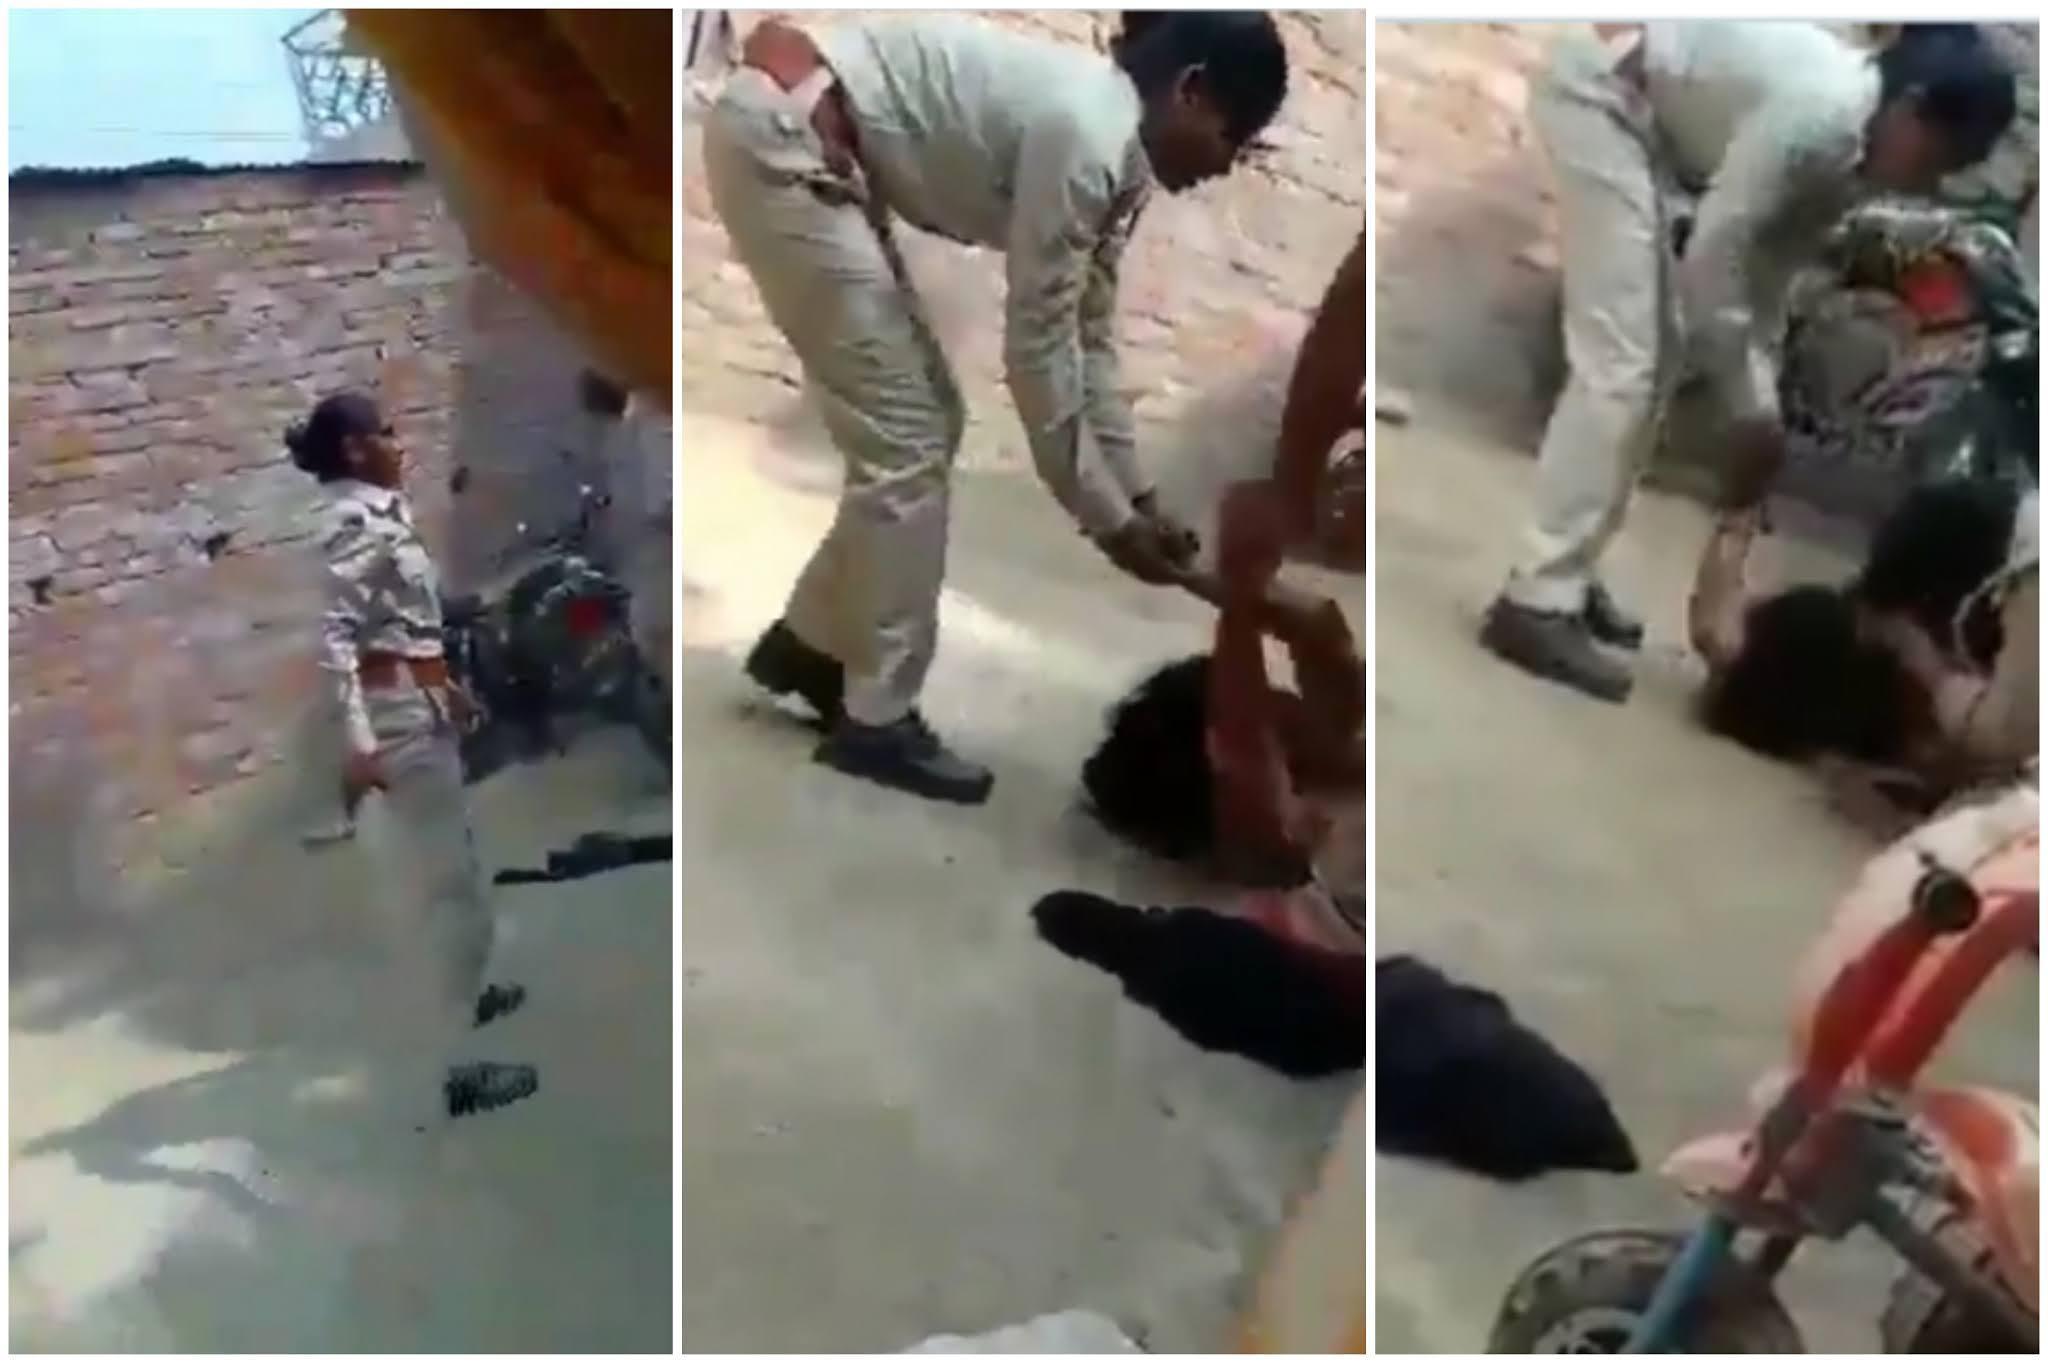 एक बार फिर खाकी हुई फिर शर्मसार | #TEJASTODAY जौनपुर का नं. 1 न्यूज पोर्टल लखनऊ। मुख्यमंत्री योगी आदित्यनाथ की BJP सरकार के शासन में खाकी फिर शर्मसार हुई है। प्रतापगढ़ में पुलिस पर एक महिला को घर में घुसकर लात-घूंसों से पीटने का आरोप लगा है। घटना से जुड़े वायरल वीडियो में तीन से चार पुलिस कर्मचारी महिला को पकड़ कर हड़काते और पीटते नजर आ रहे थे। हैरत की बात है कि वाकये के दौरान घर में छोटे बच्चे के रोने की आवाज आ रही थी, पर फिर भी पुलिस महिला पर डंडे से वार करता रहा। पुलिस को महिला की चीख और मासूम के आंसुओं पर जरा भी तरस न आया। यह मामला राजीगंज कोतवाली के भागीपुर गांव का है जहां इस शर्मनाक करतूत में दारोगा वीरेंद्र त्रिपाठी के साथ दो महिला सिपाही भी शामिल थीं। इन्होंने ही महिला के घर में घुसकर उसे मारा-पीटा। बच्चे रोते रहे, मगर वे न माने और पीटते रहे। हालांकि, 'The Quint' की रिपोर्ट में पुलिस के हवाले से कहा गया कि महिला ने महिला पुलिस कॉन्सटेबल से मारपीट की थी। जिस महिला की पिटाई की गई, वह फातिमा बानो हैं और वह भागीपुर गांव निवासी हैं। परिजन इस मसले को लेकर करीब 18 किमी दूर जिला पुलिस मुख्यालय भी गए पर उनकी सुनवाई न हुई।